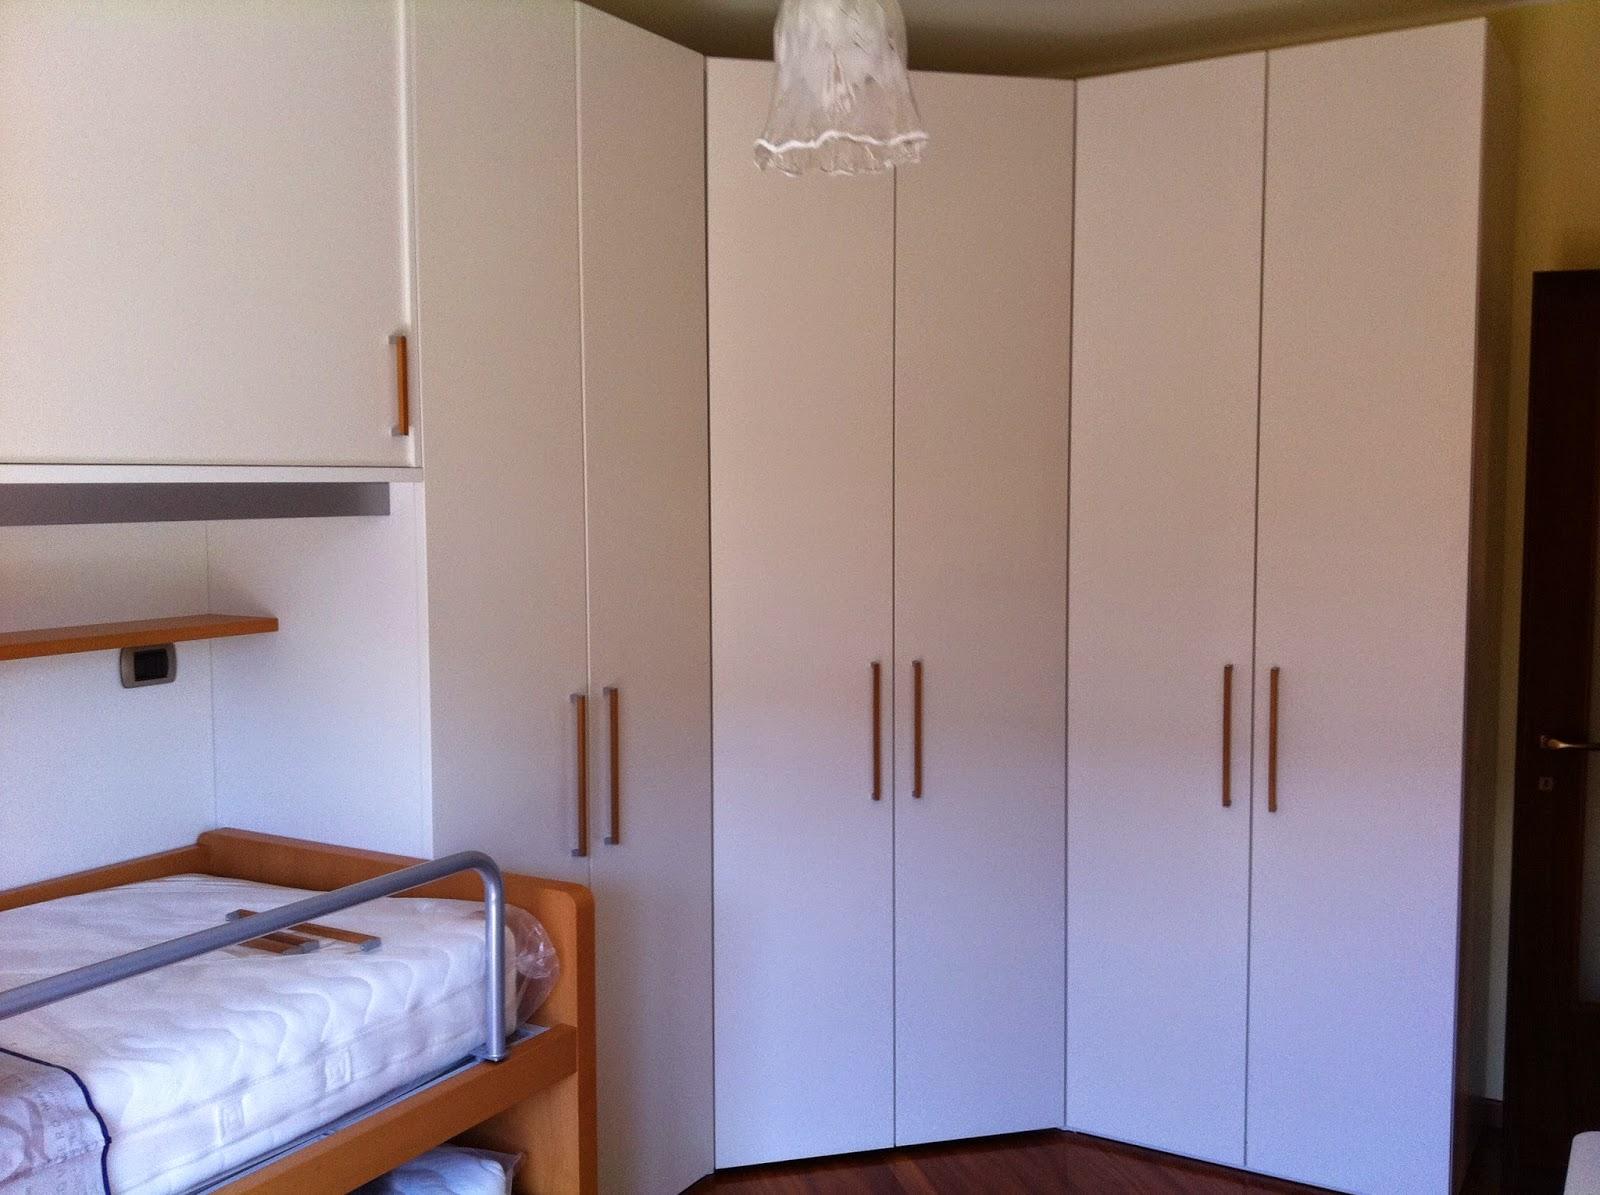 Bonetti camerette bonetti bedrooms cameretta stretta e - Cameretta per due ...